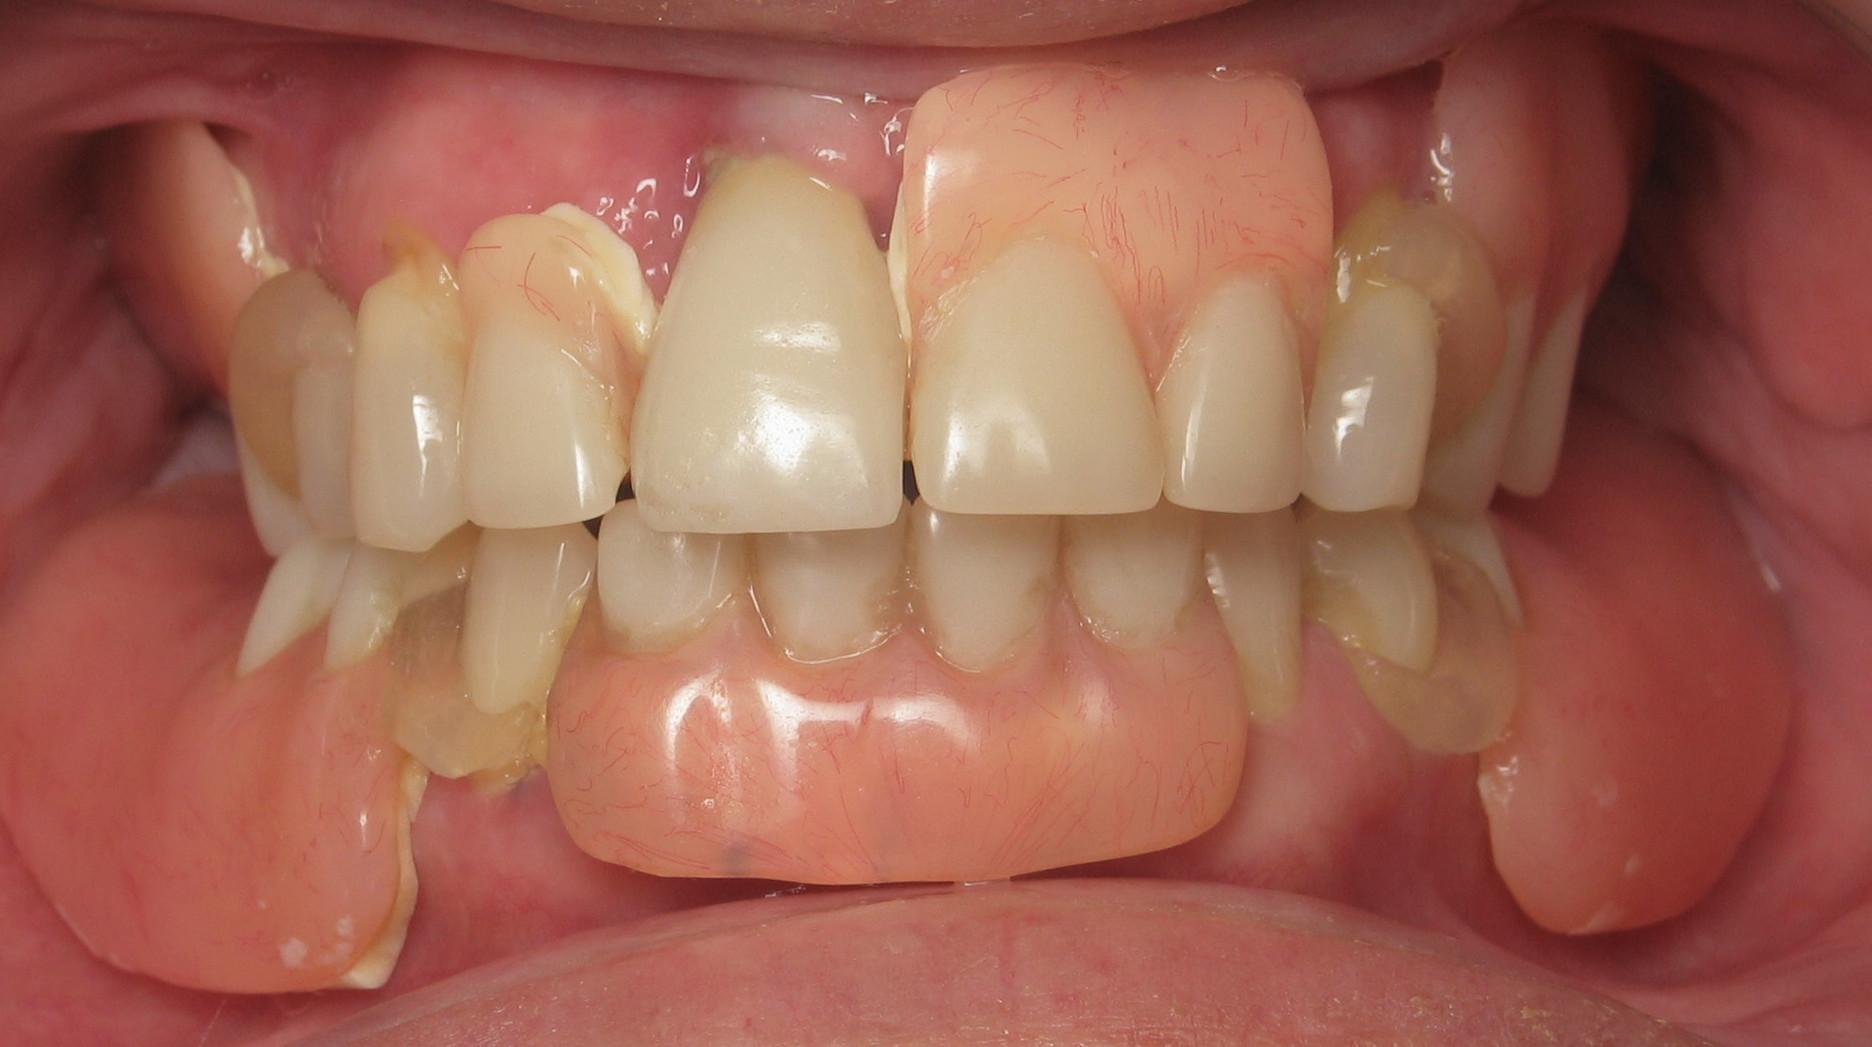 Ms. Smith's old nylon dentures